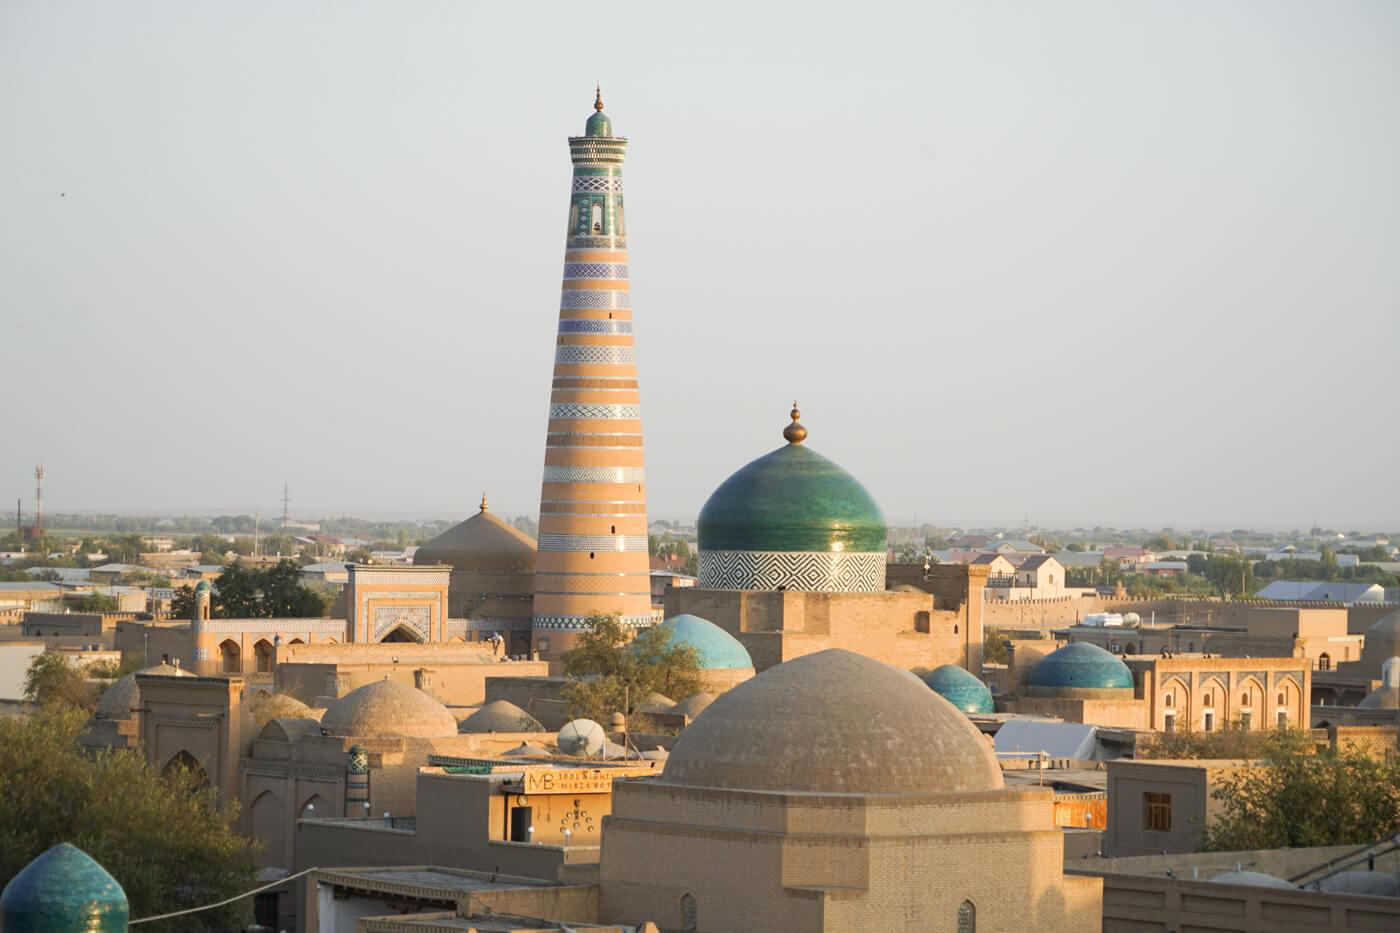 Chiwa ist Seidenstrasse stadt in Zentralasien